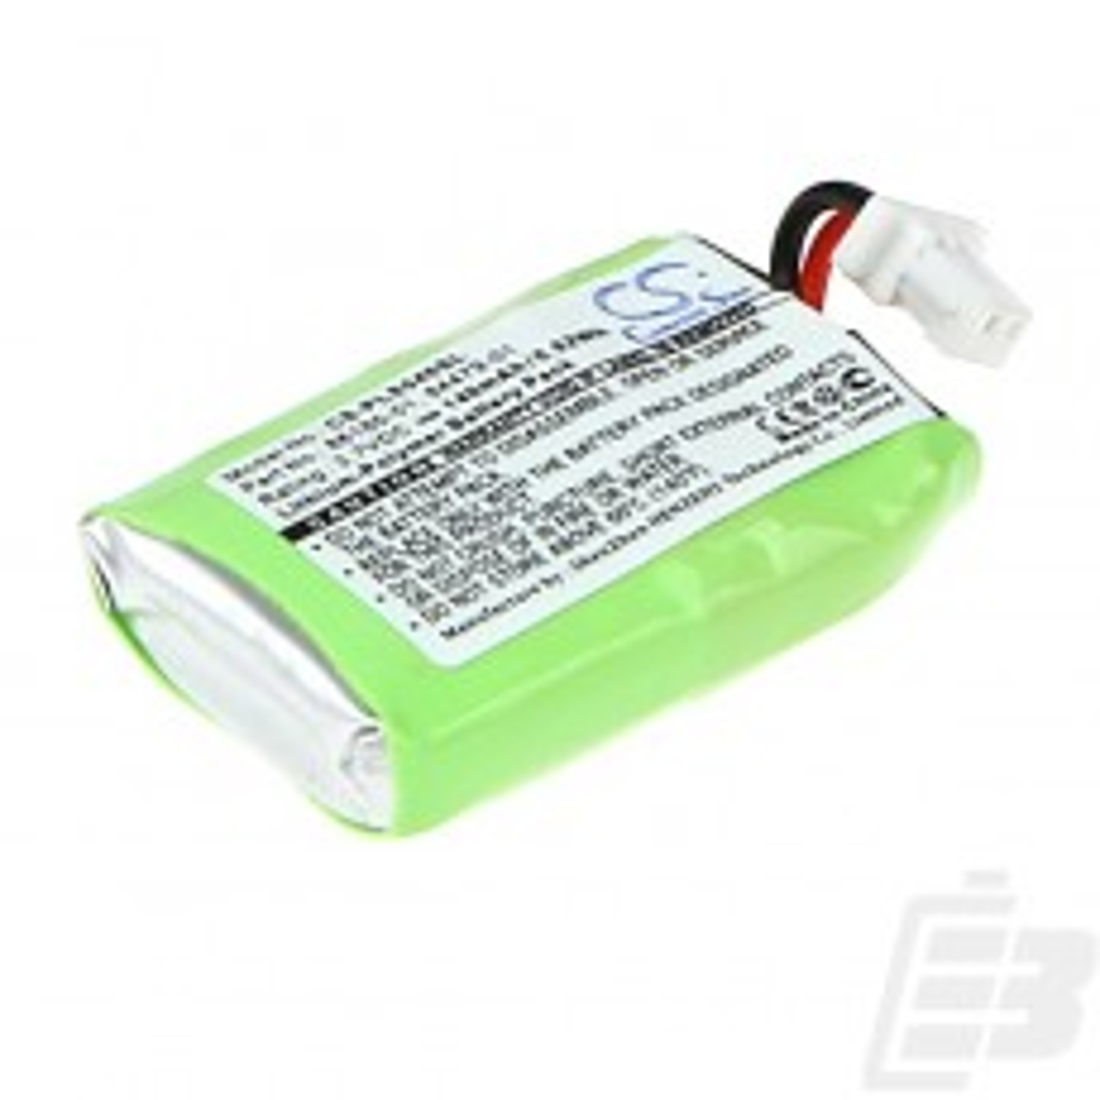 Μπαταρία ασύρματων ακουστικών Plantronics Savi CS540_1